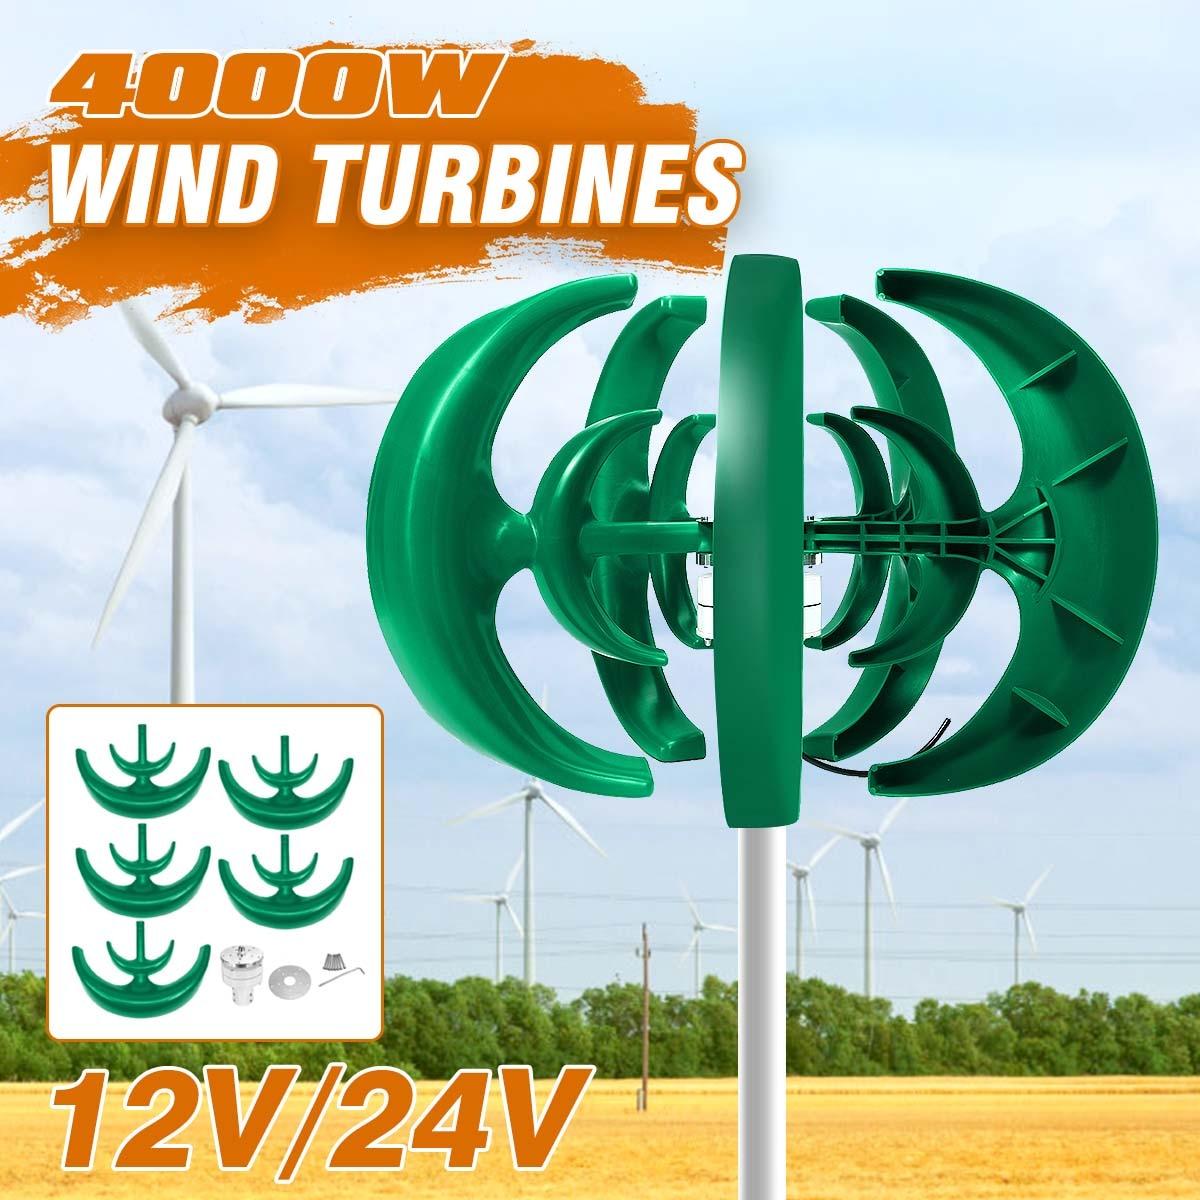 gerador de turbina eolica gerador de turbina eolica vertical de 4000w 12v 24v kit de laminas